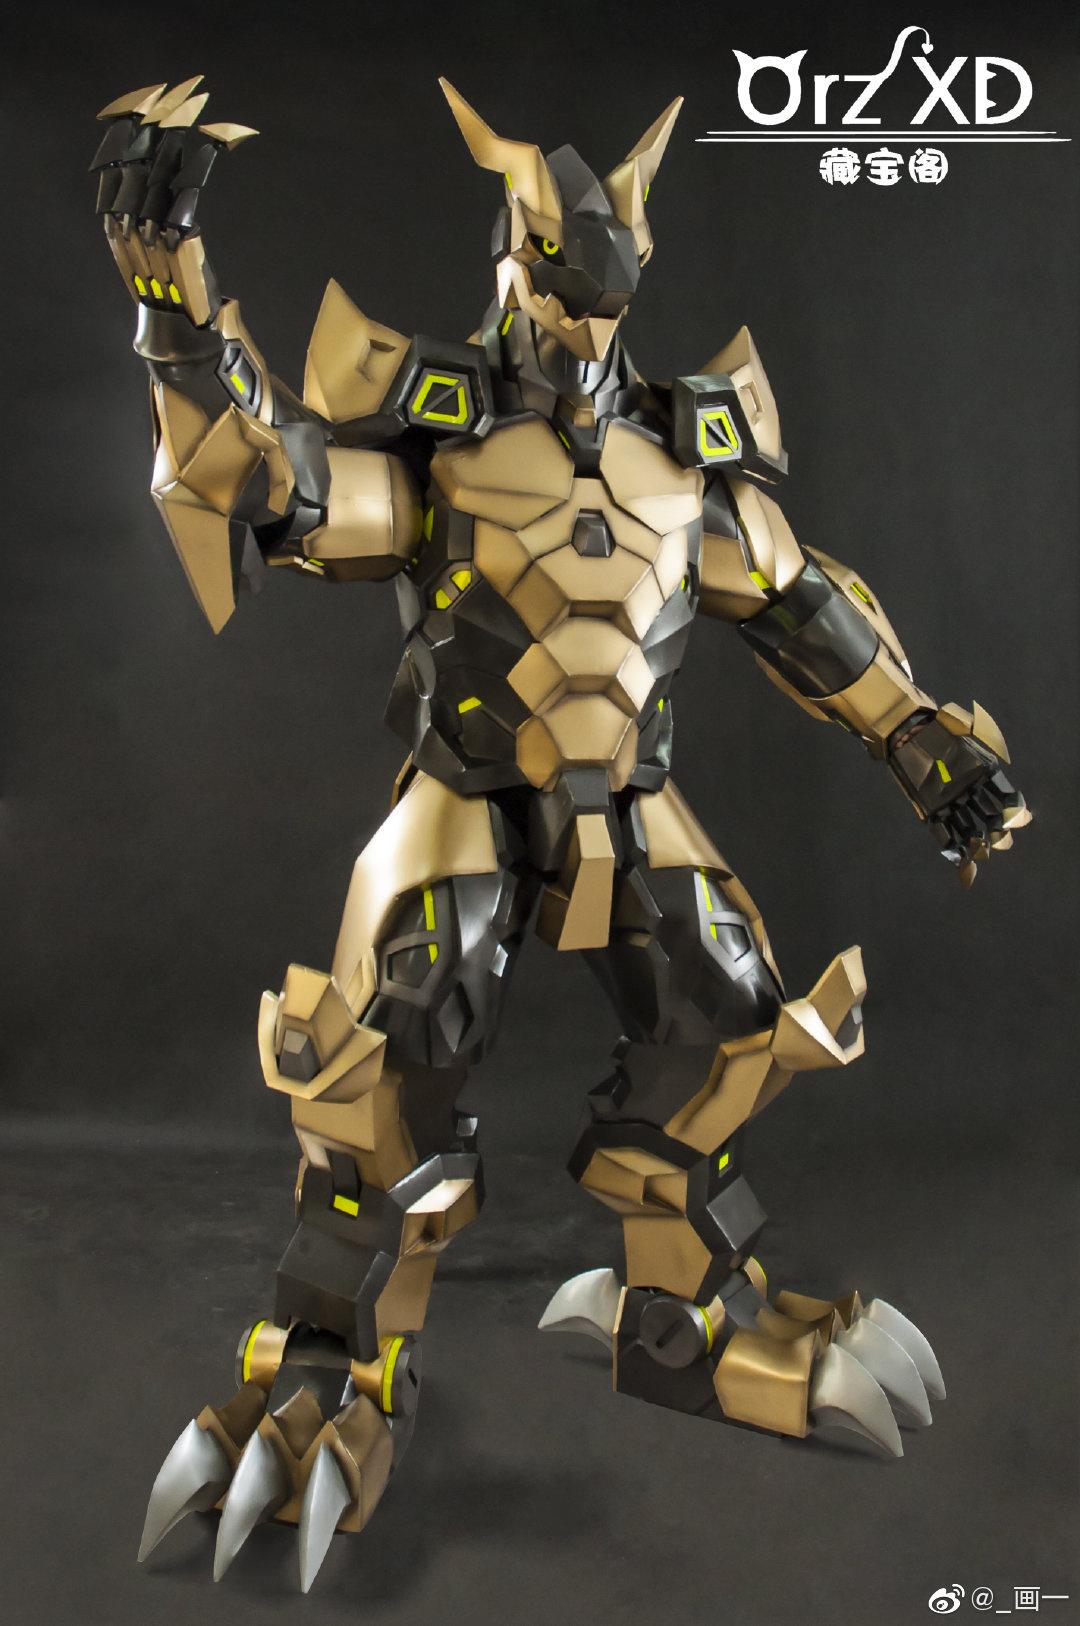 雲霖☁ - 這蜥蜴人盔甲超讚的欸 等一下!這這這不是模型 Source: 星河杰 on Twitter - Plurk